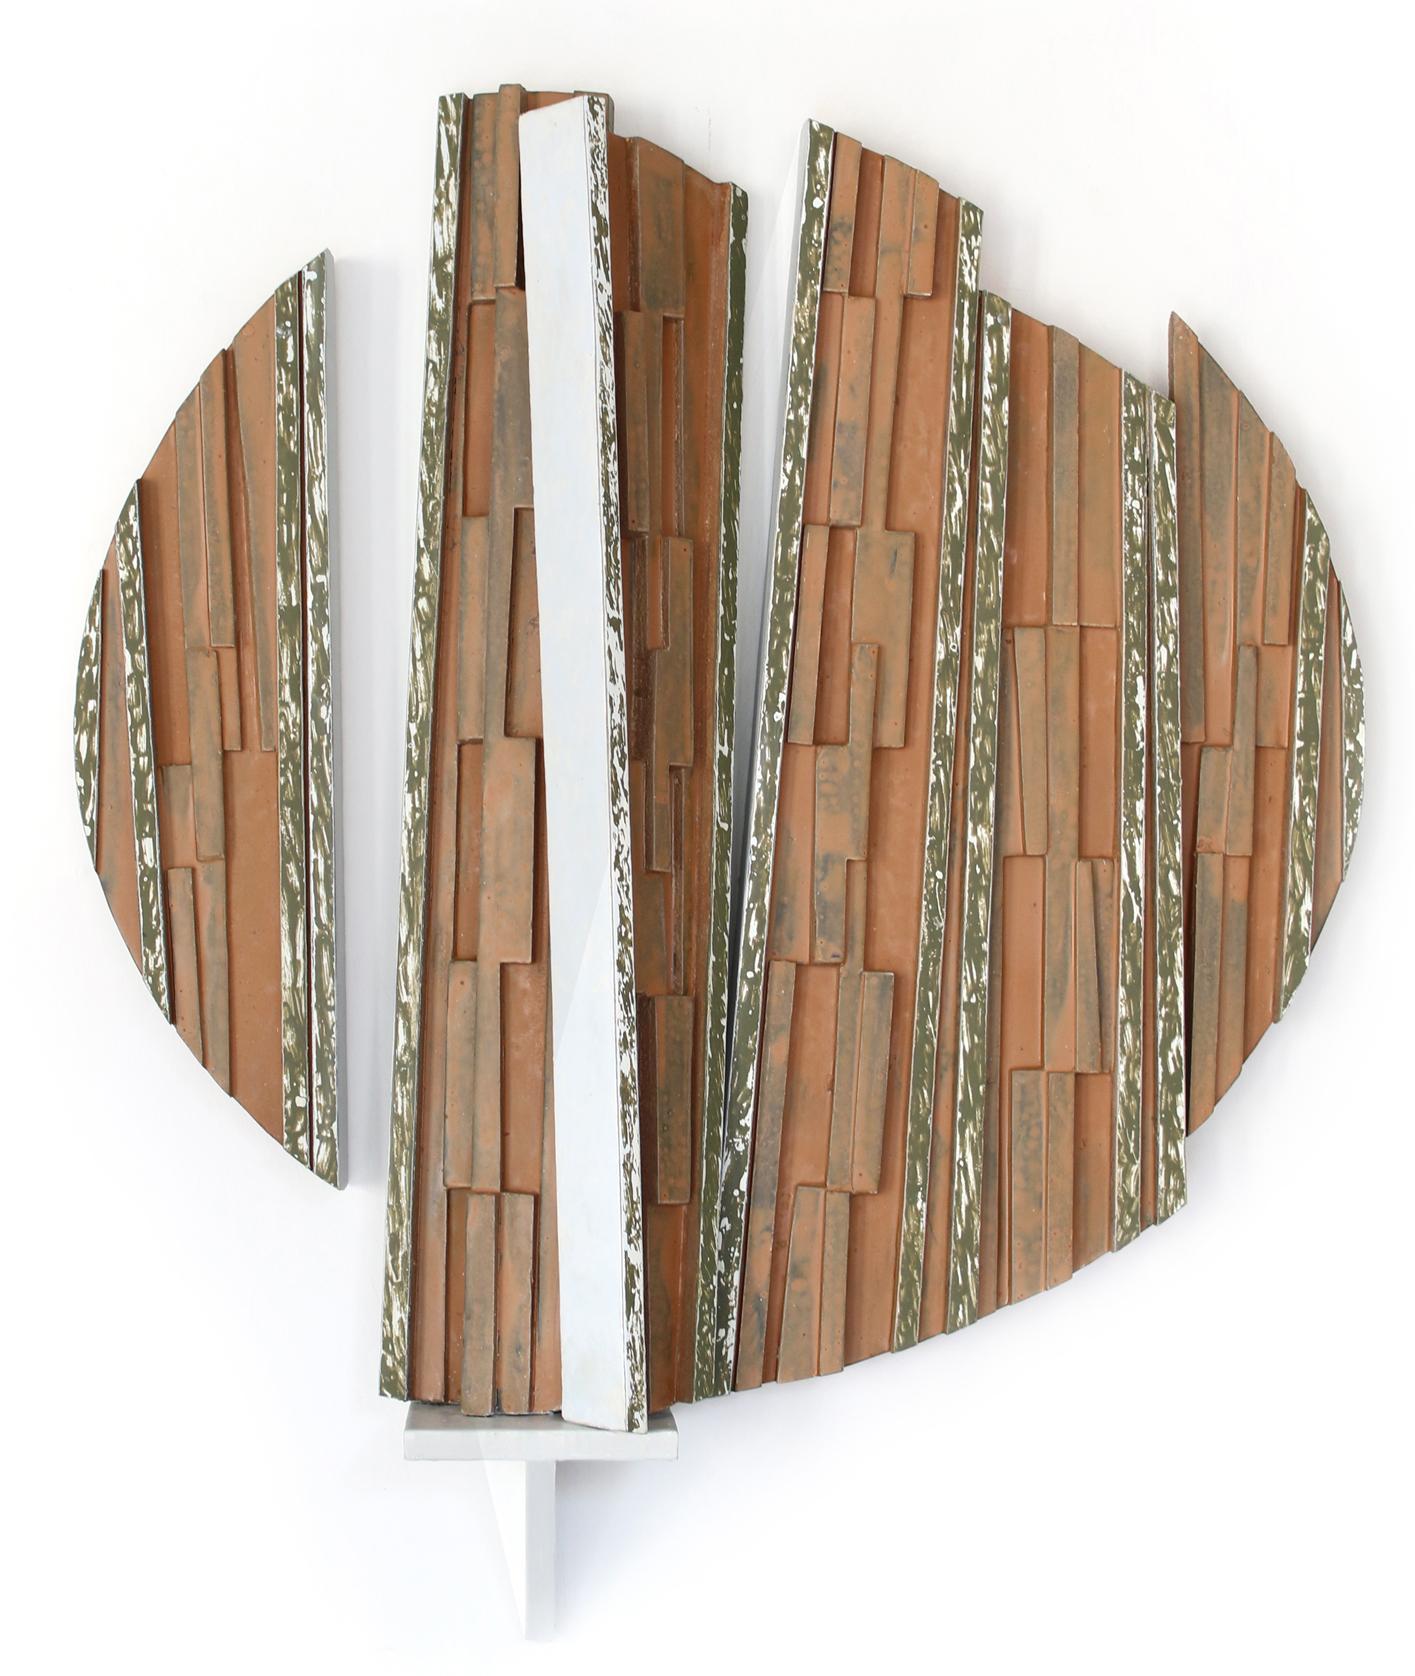 Art Atrium, Contemporary art, Australian art, Art gallery, Art exhibition, Art & Design, Australian Artist, Objects, Sculptures